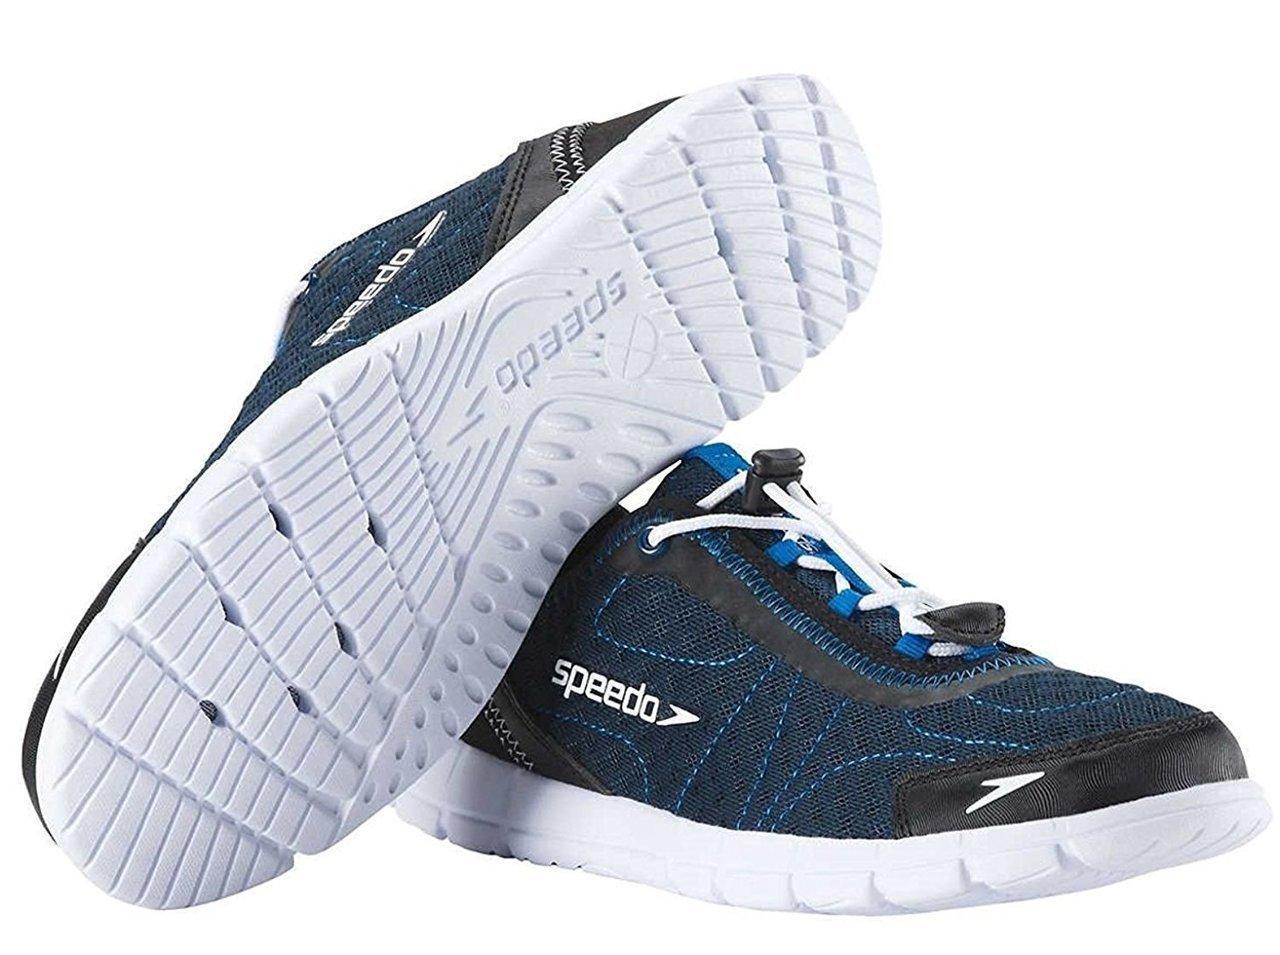 Speedo Mens Hybrid Watercross Water Shoe, Navy/White (8) by Speedo